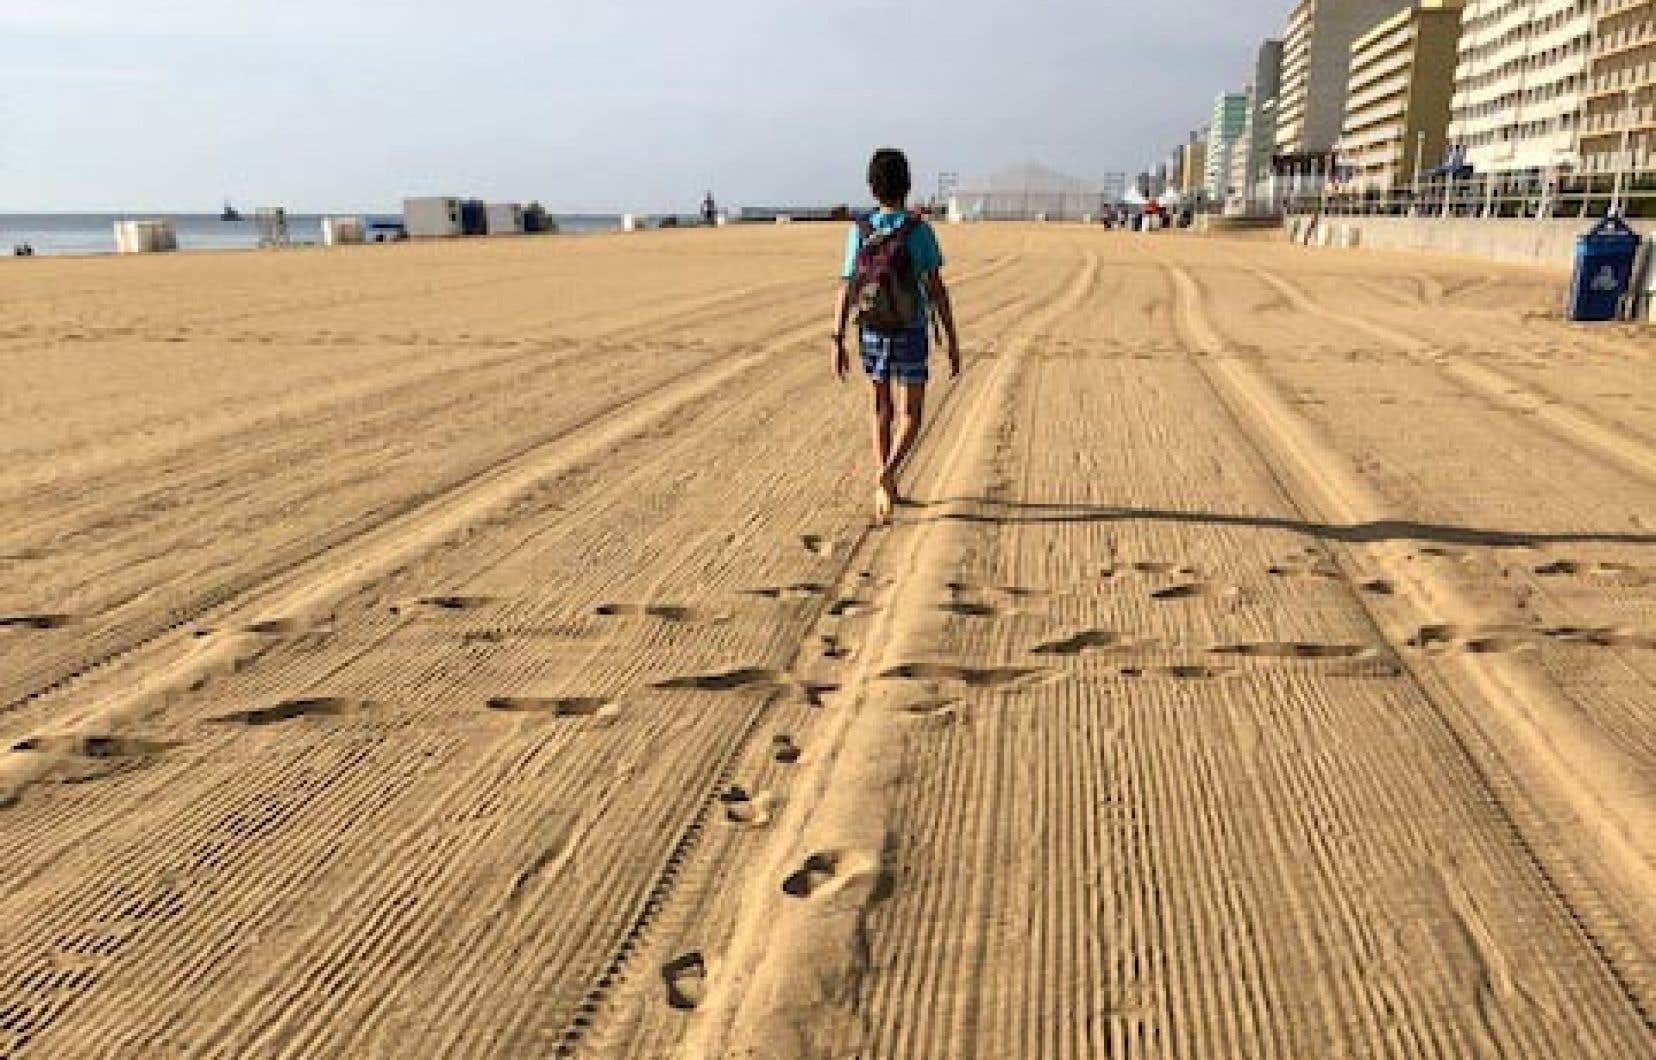 La plage du boardwalk à 8 heures le matin